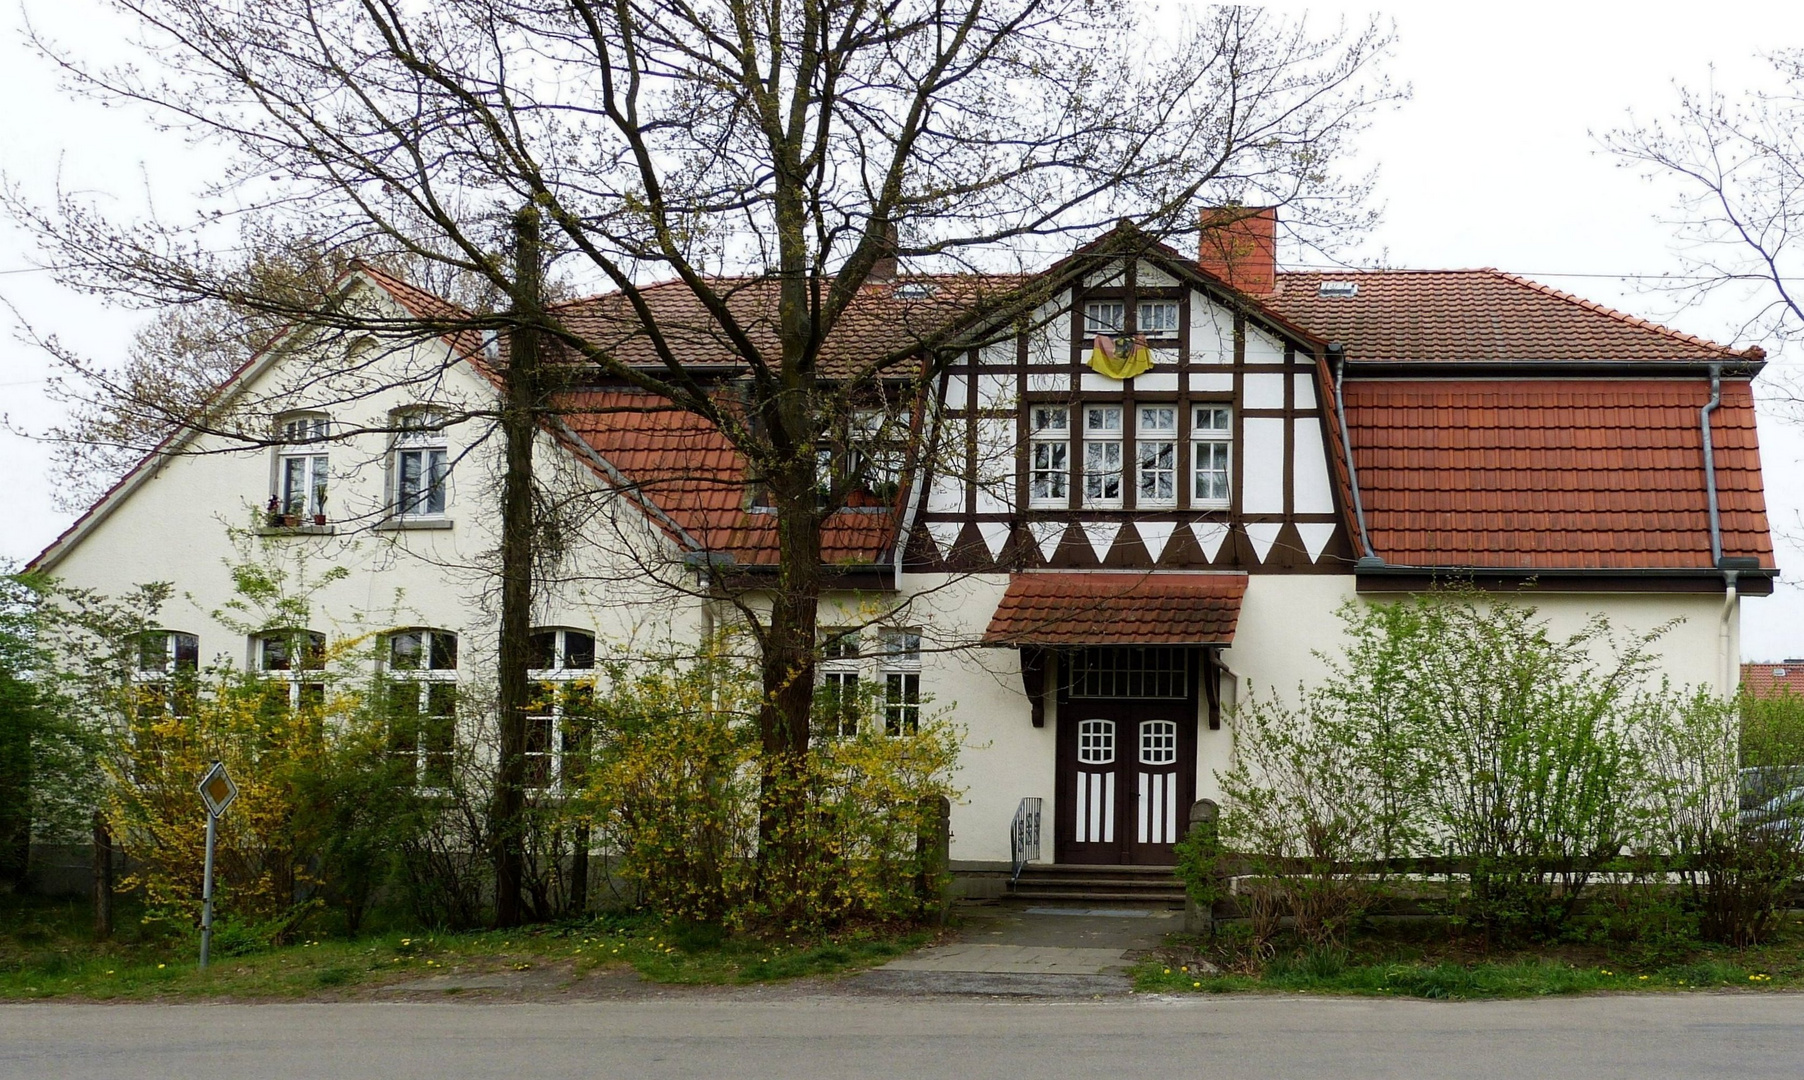 Alte Dorfschule in Bad Oeynhausen - Wöhren